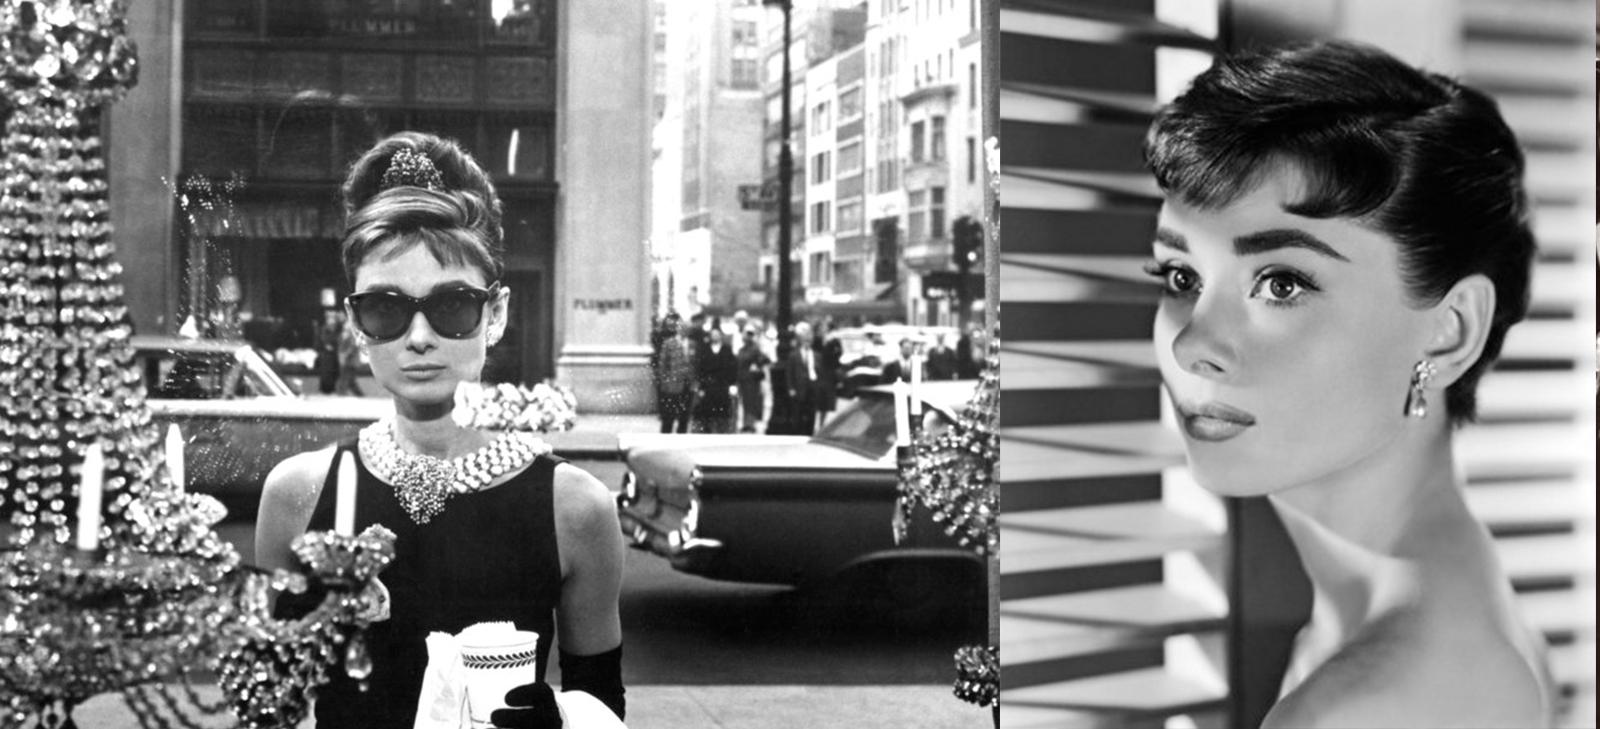 Bí quyết đẹp của nàng Audrey Hepburn